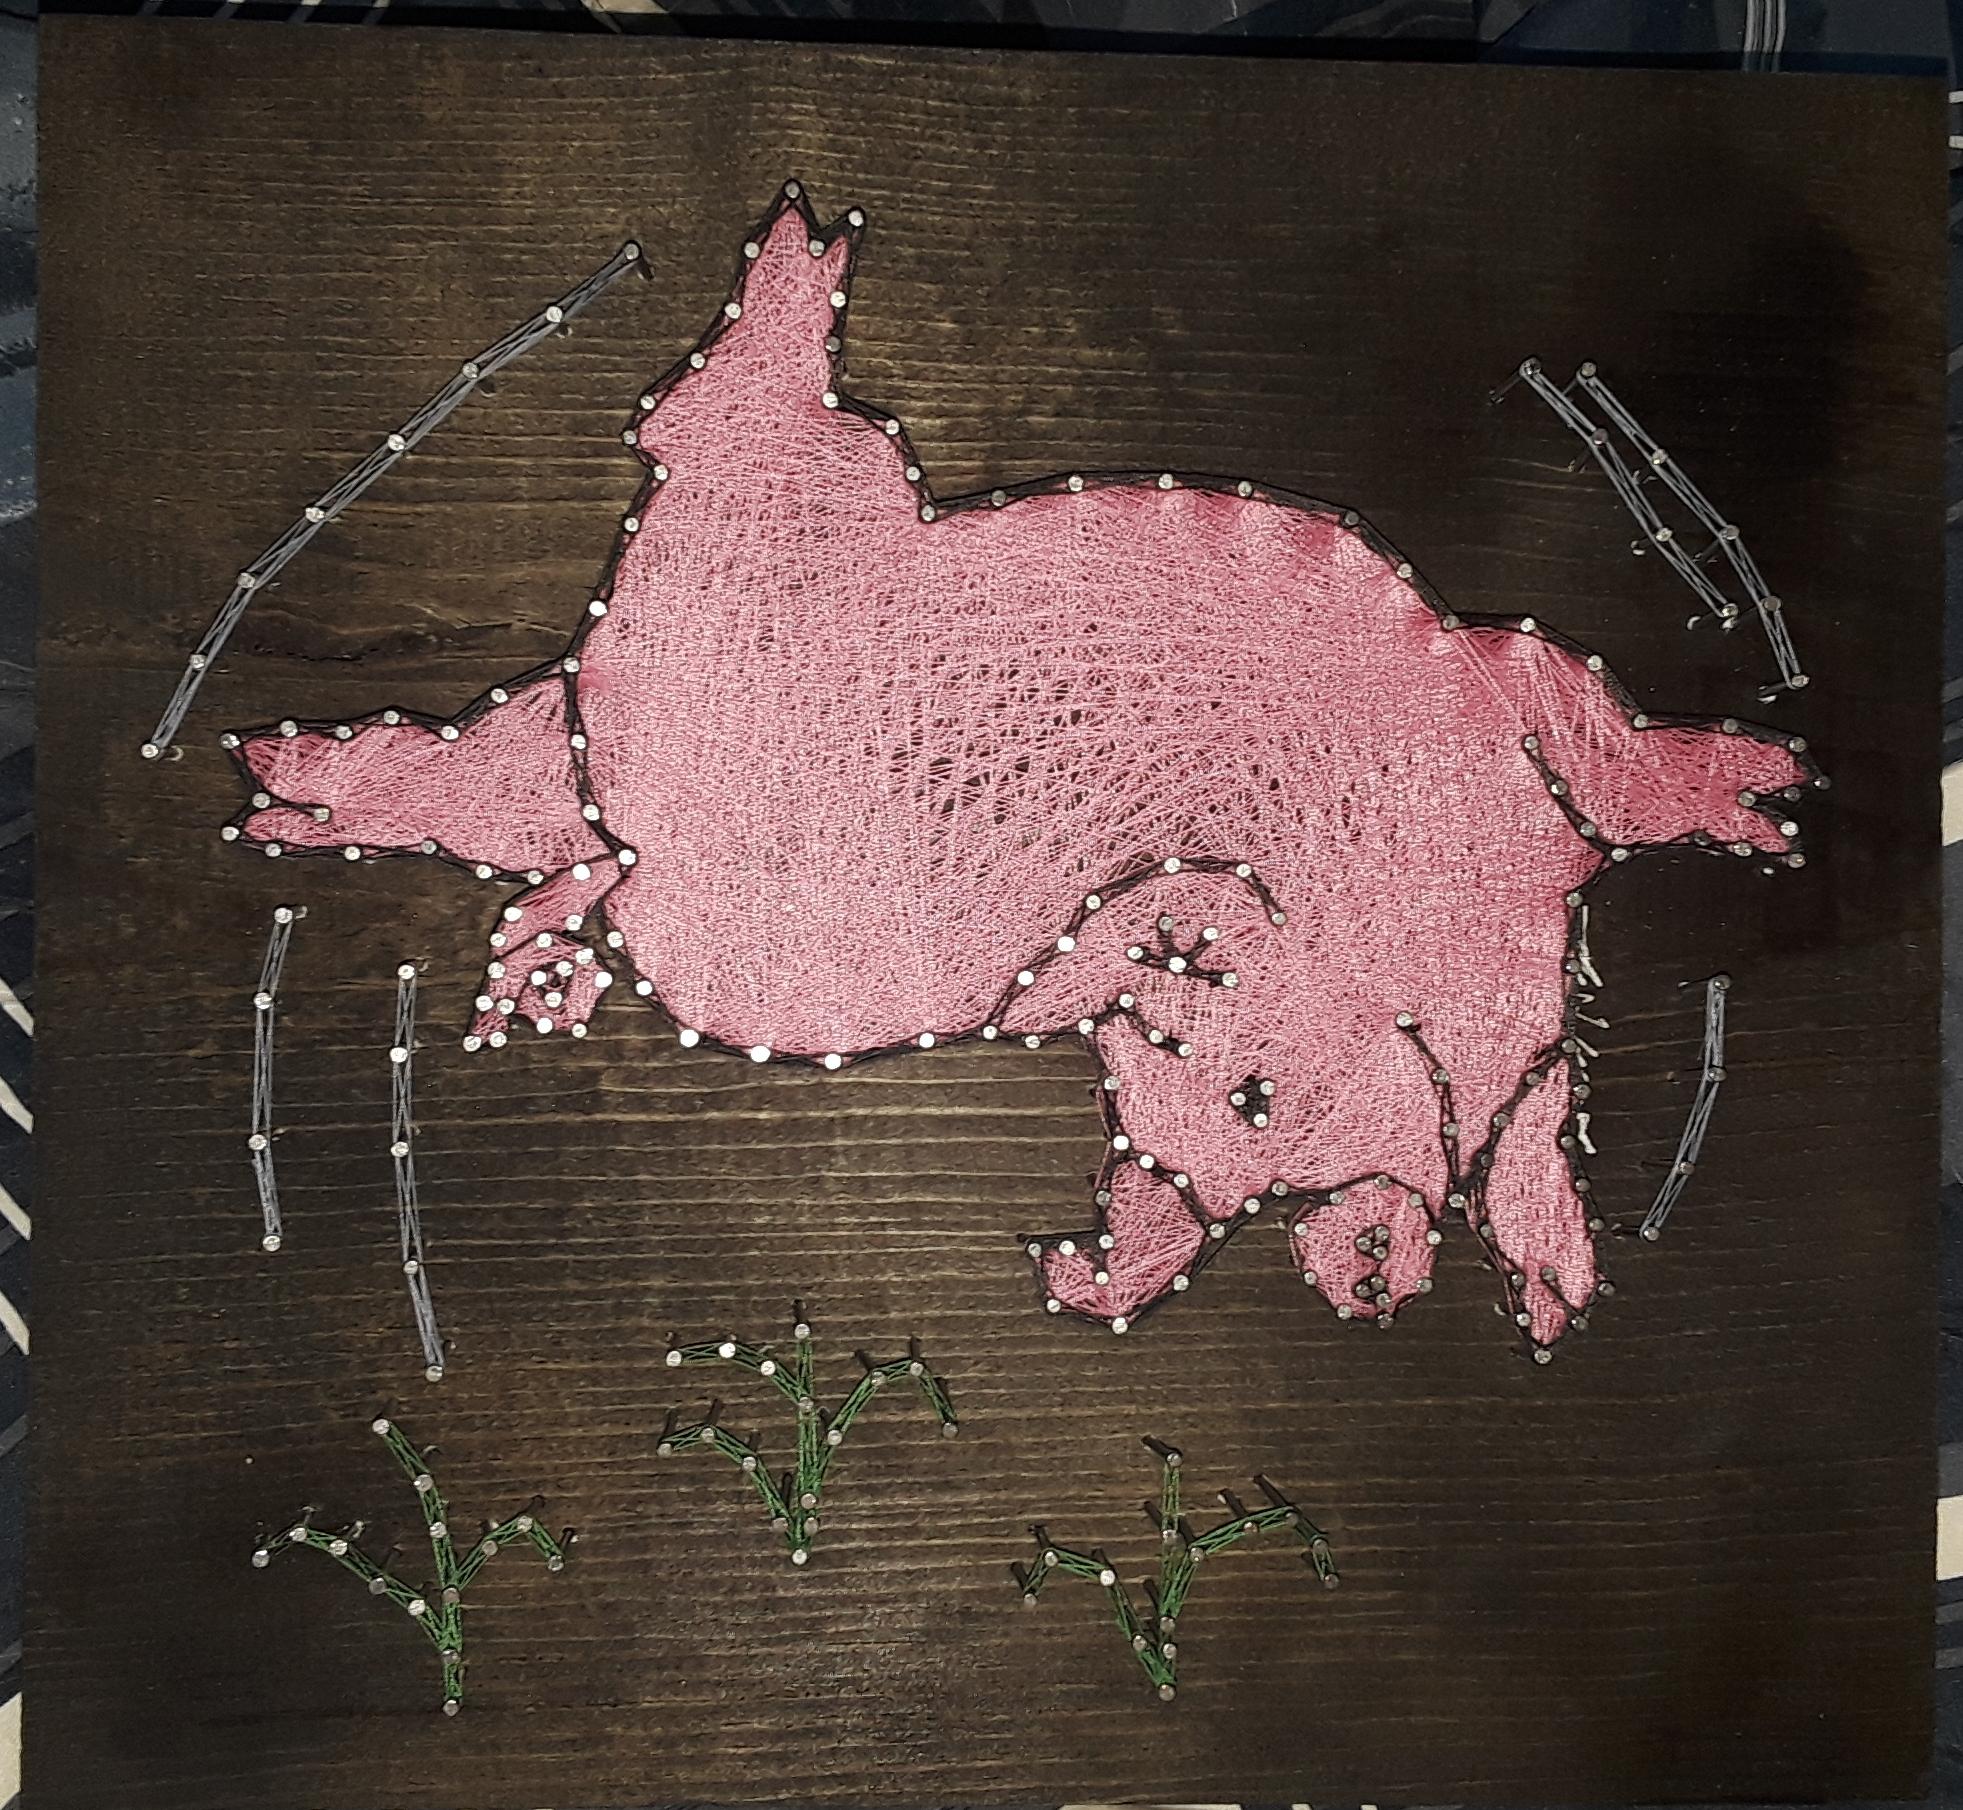 12x12 Pig